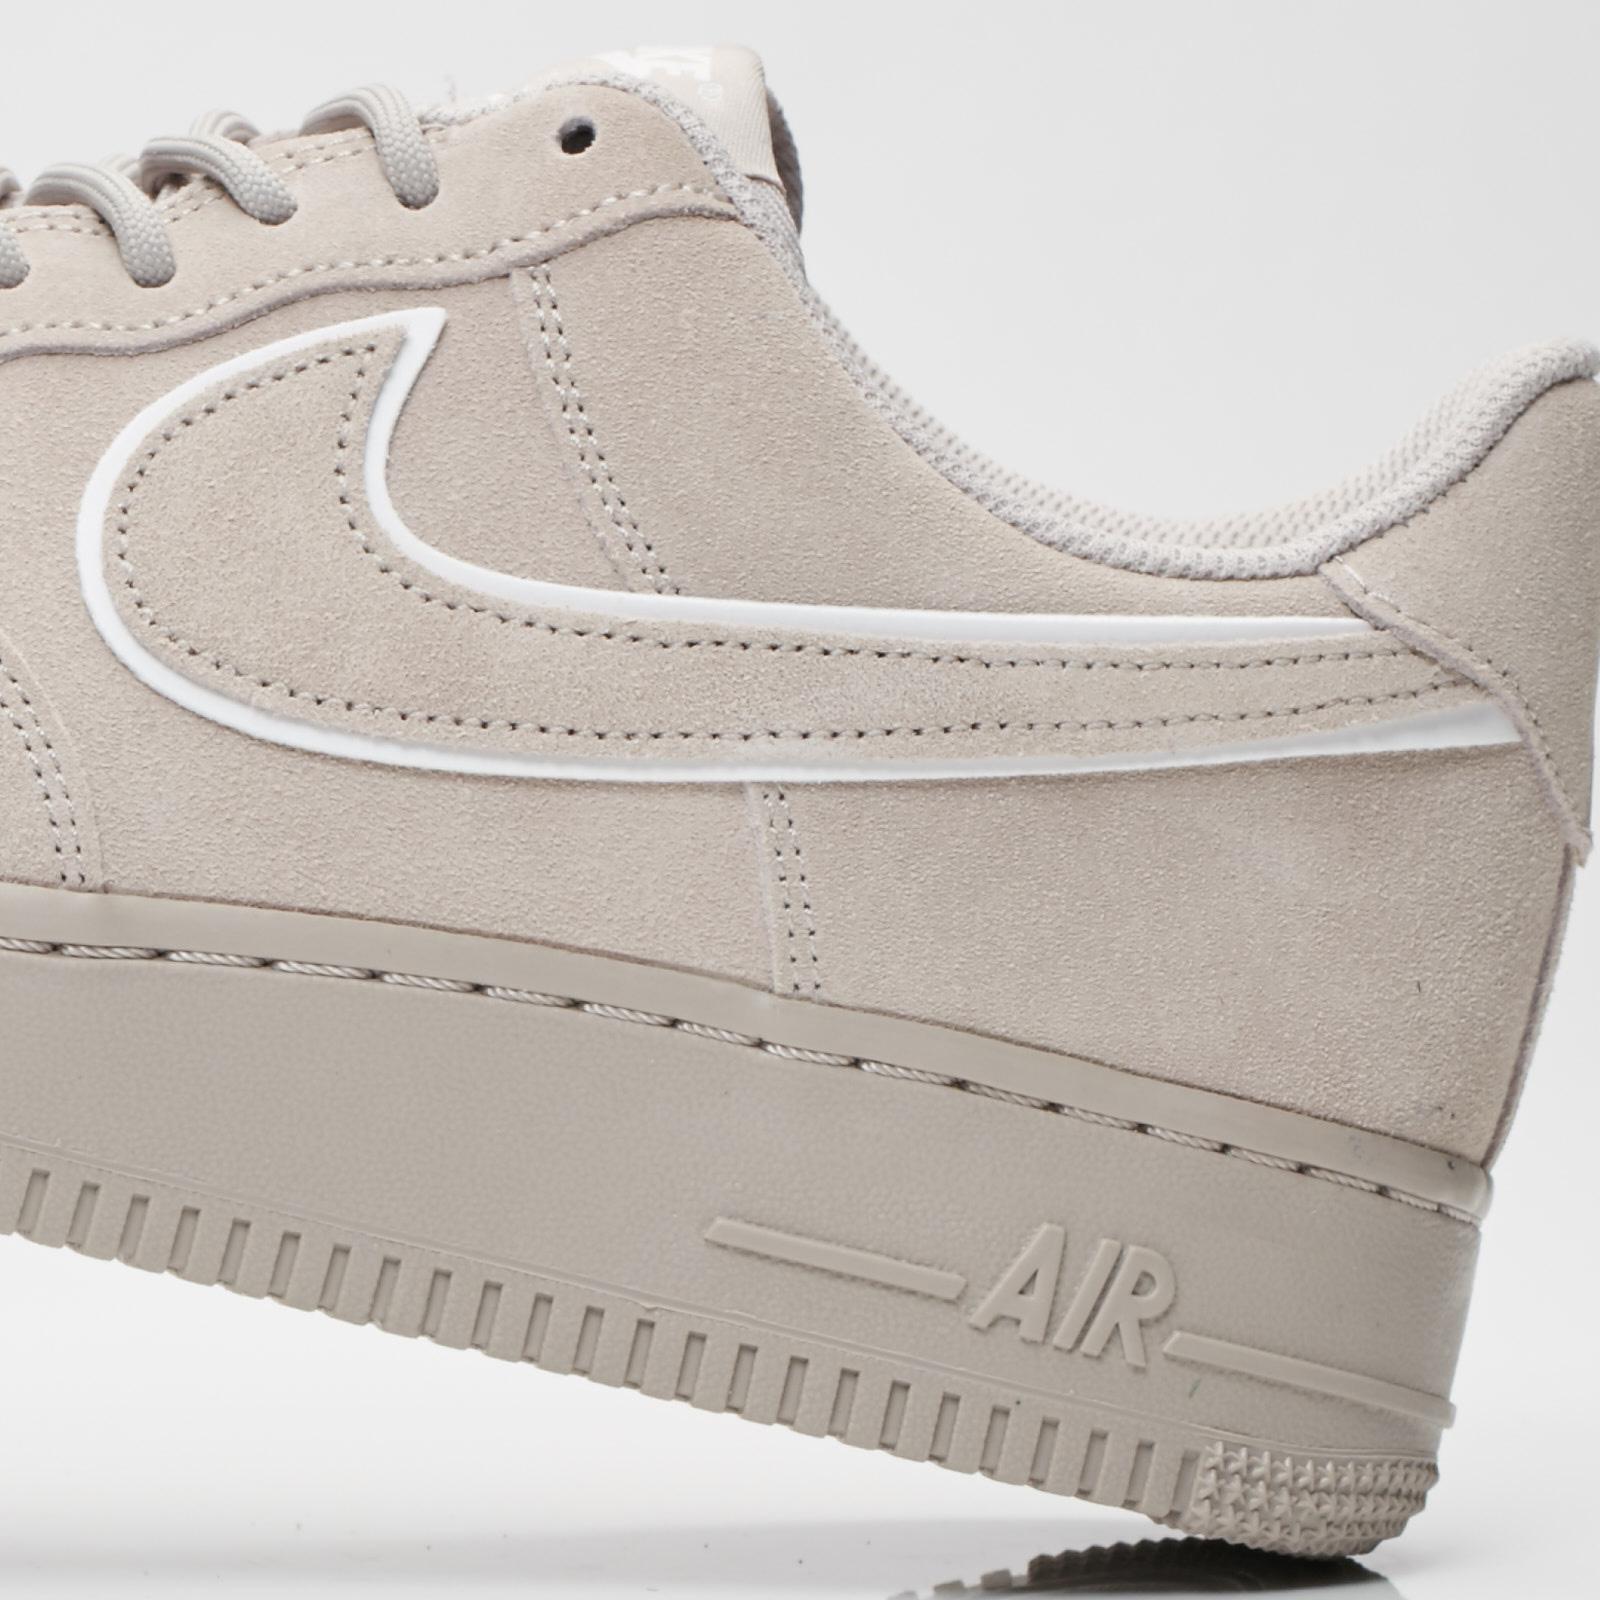 software sopa Parque jurásico  Nike Air Force 1 07 lv8 Suede - Aa1117-201 - Sneakersnstuff | sneakers &  streetwear en ligne depuis 1999